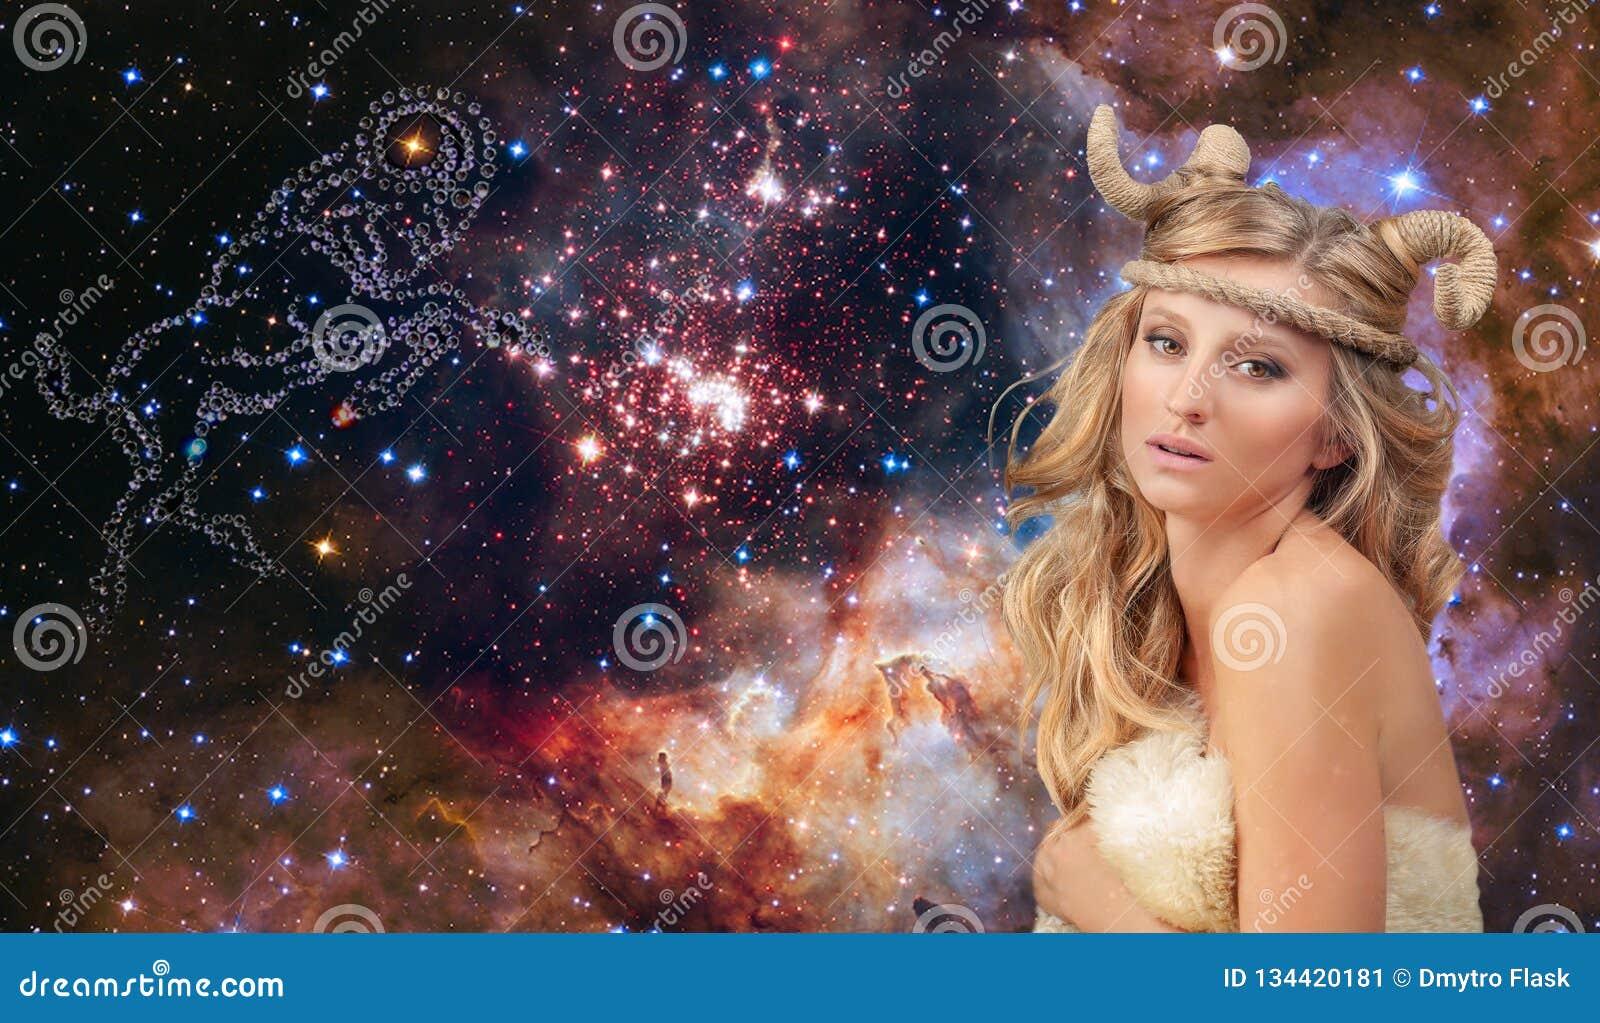 Astrologia e horóscopo Aries Zodiac Sign, Áries bonito da mulher no fundo da galáxia